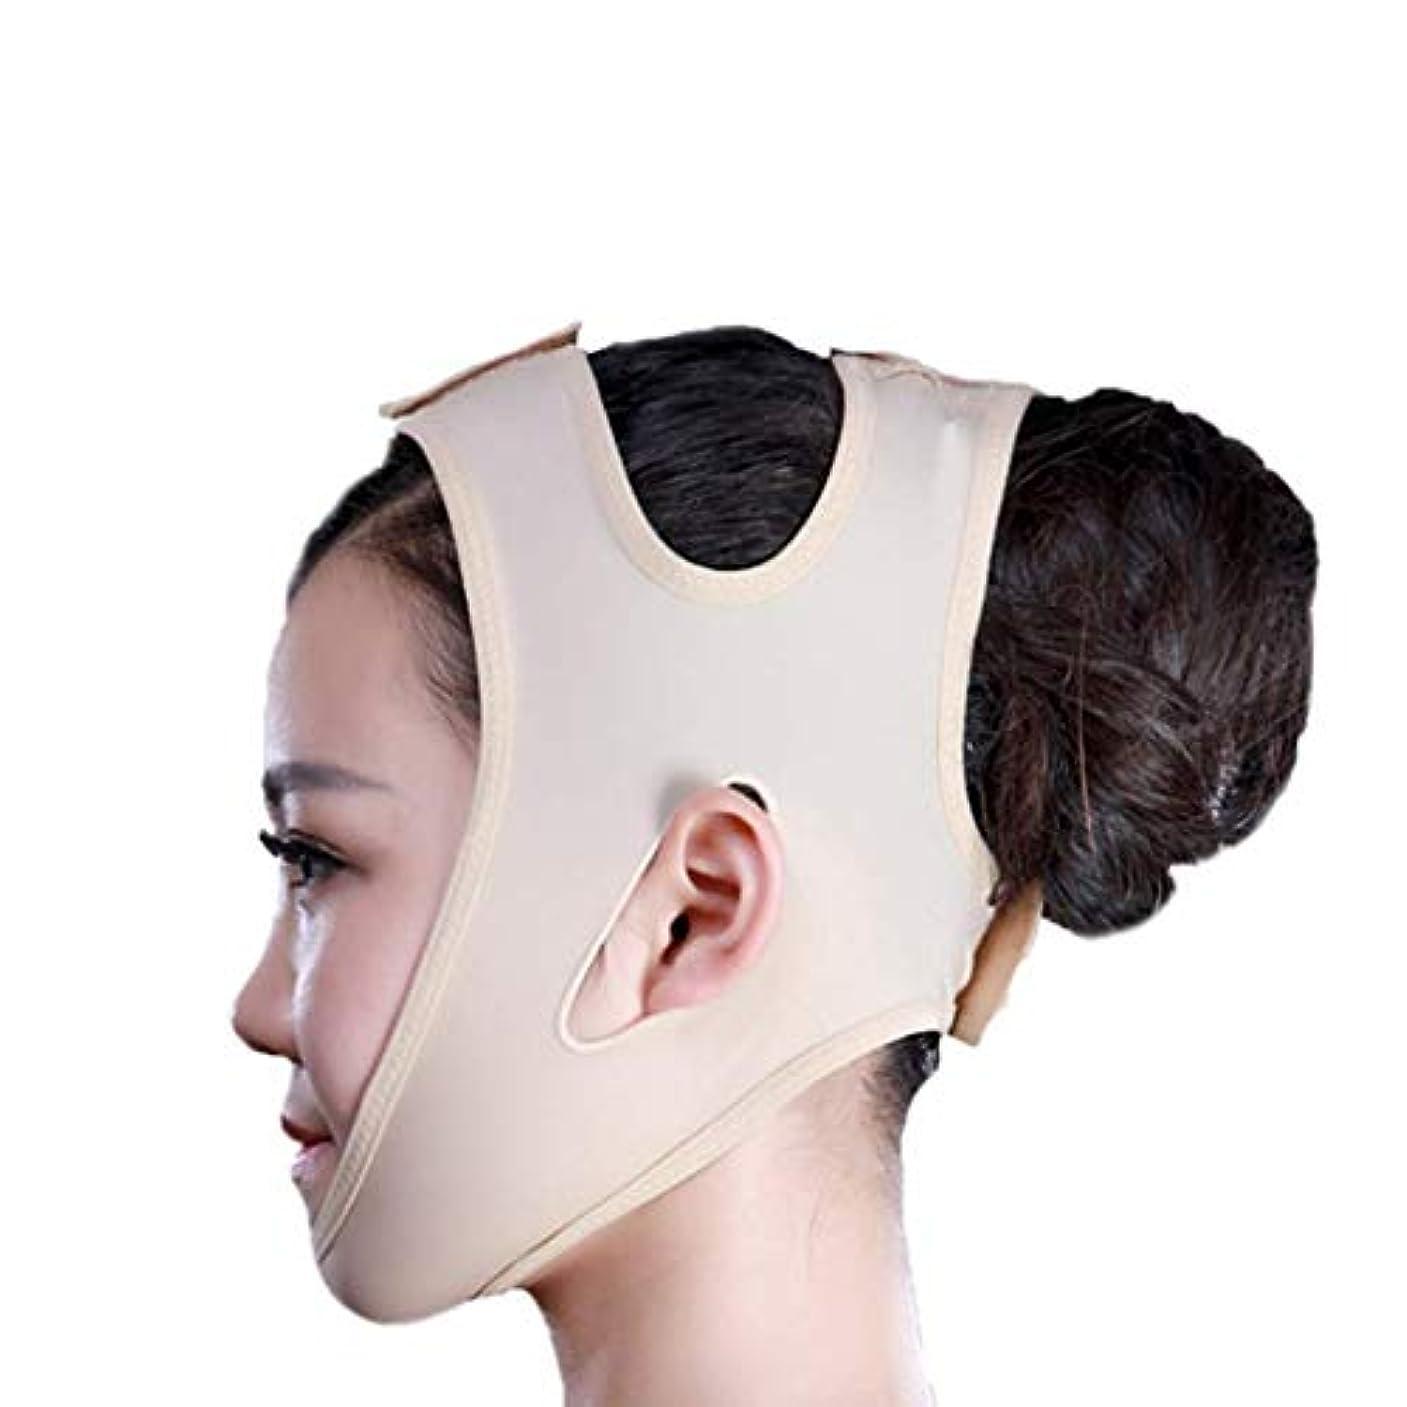 ナチュラトピック十一フェイススリミングマスク、快適さと通気性、フェイシャルリフティング、輪郭の改善された硬さ、ファーミングとリフティングフェイス(カラー:ブラック、サイズ:XL),黄色がかったピンク、M